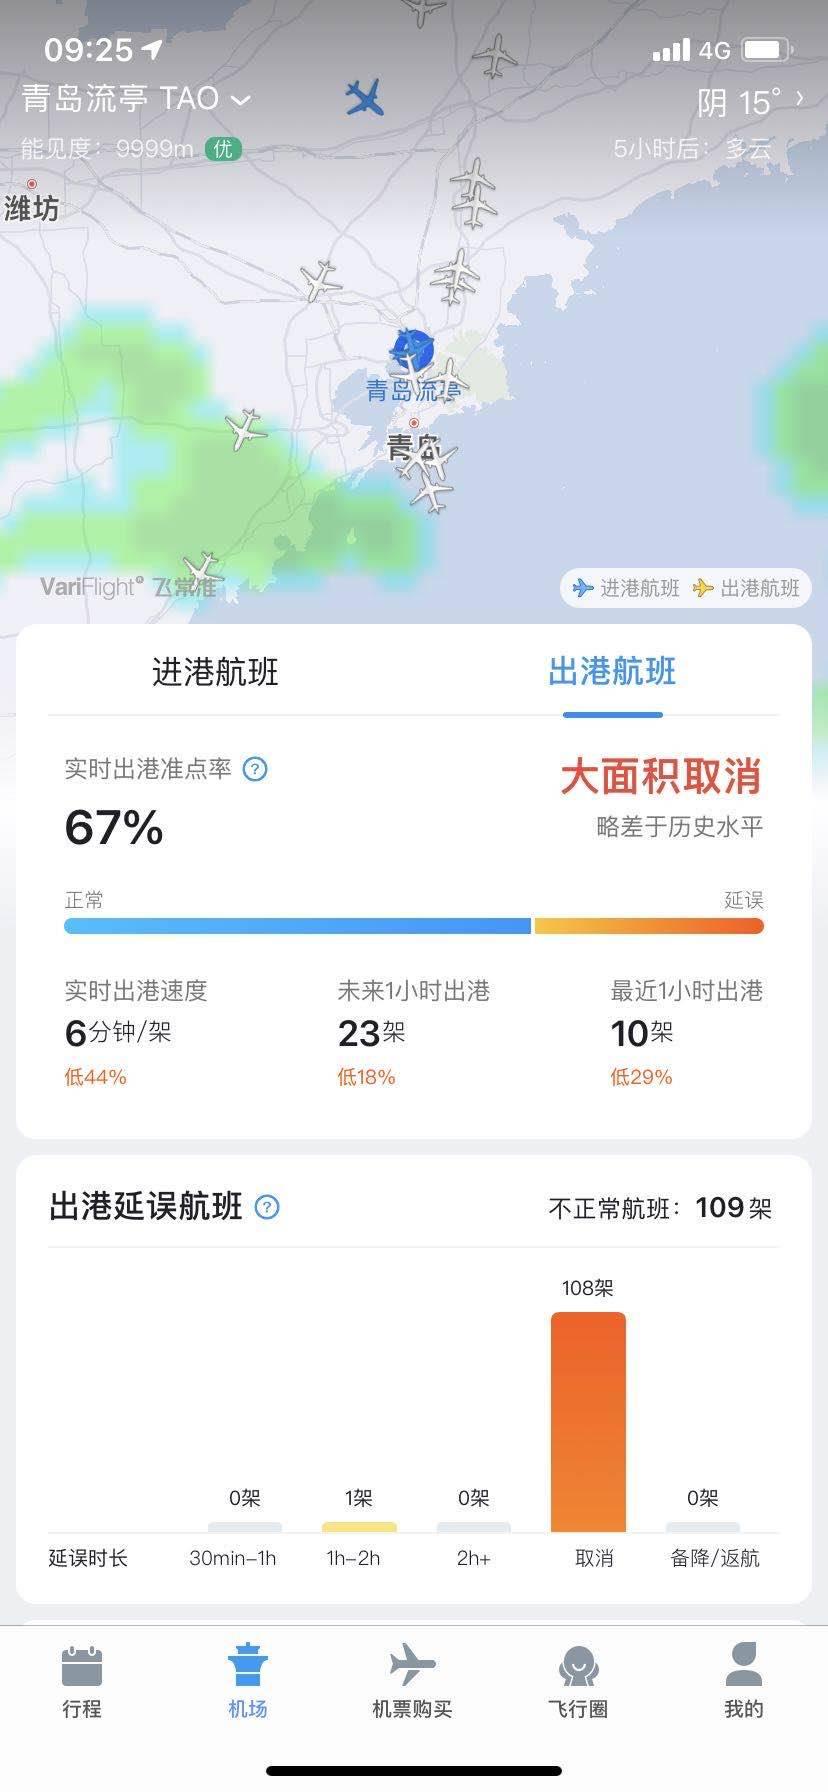 青岛流亭机场已取消进出港航班243架次,取消率近50%